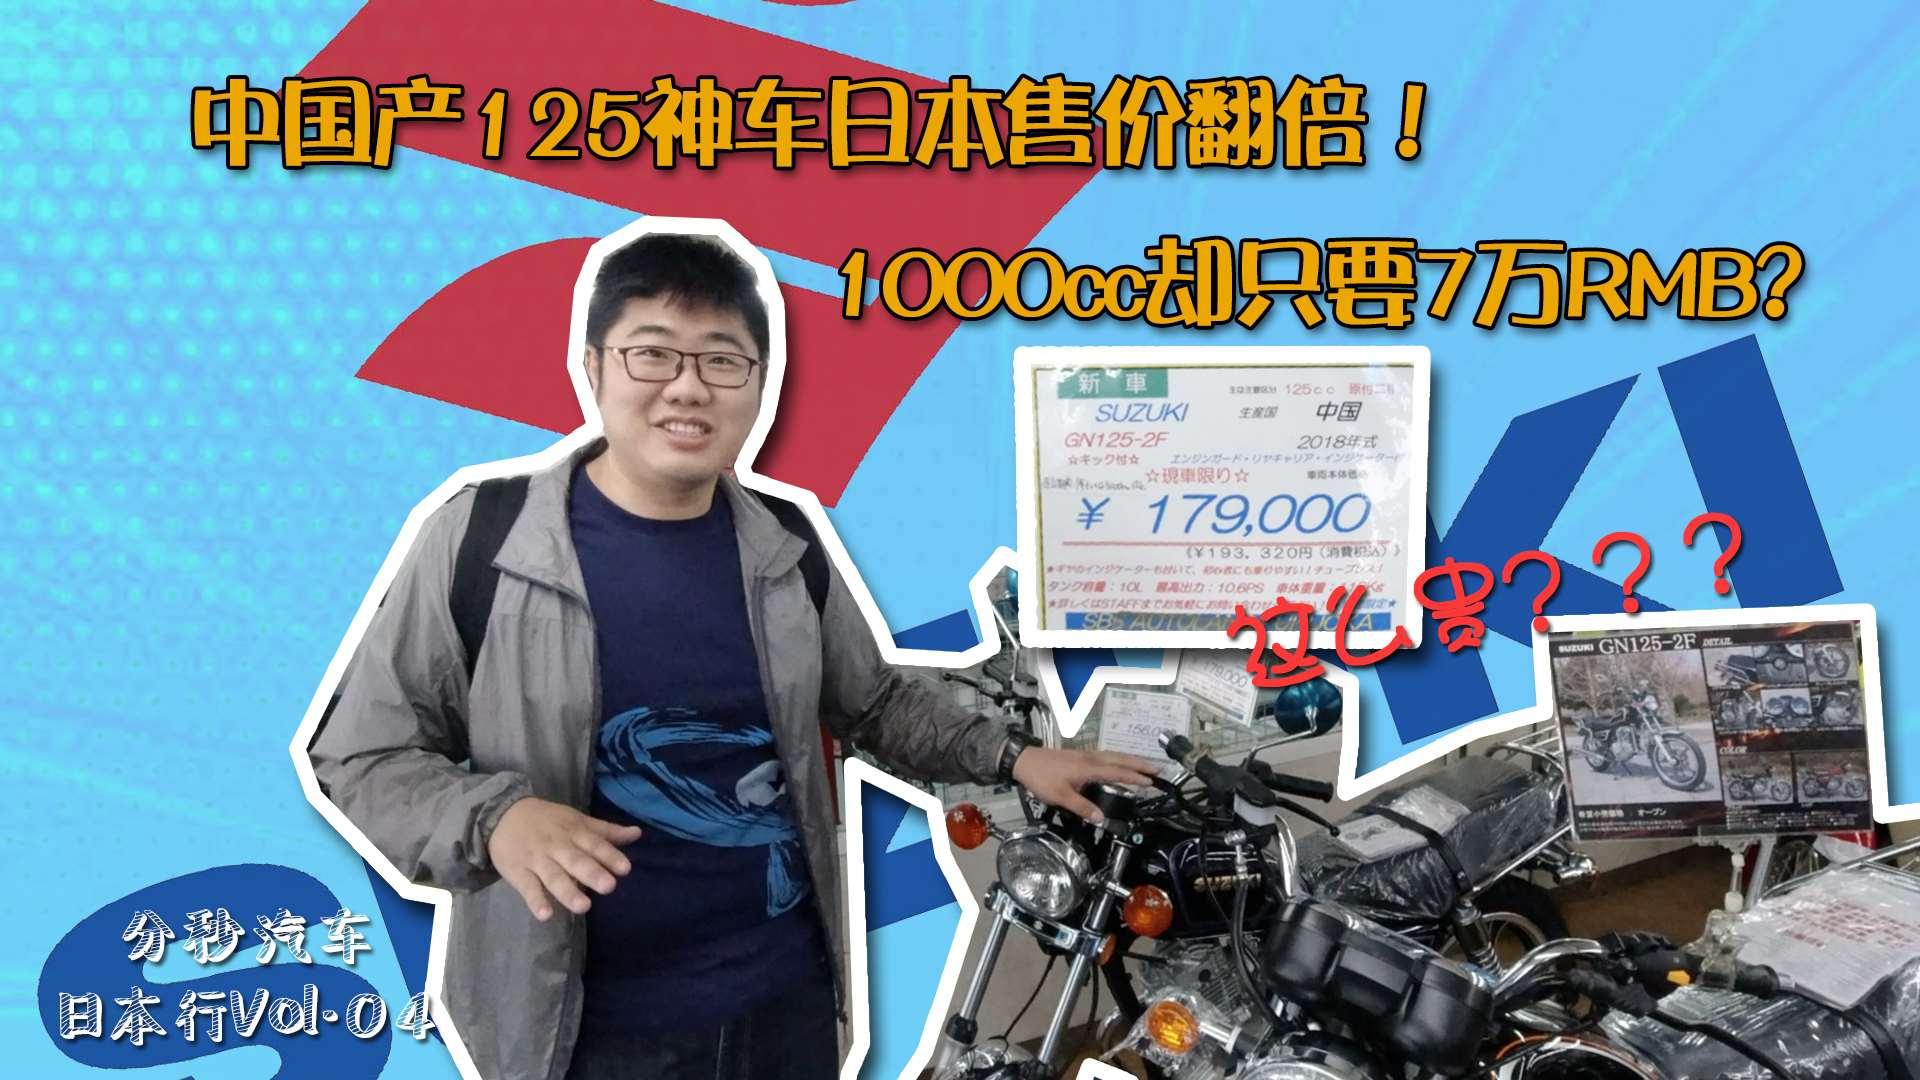 日本行04:探秘铃木店,国产125外卖神车在日售价翻倍